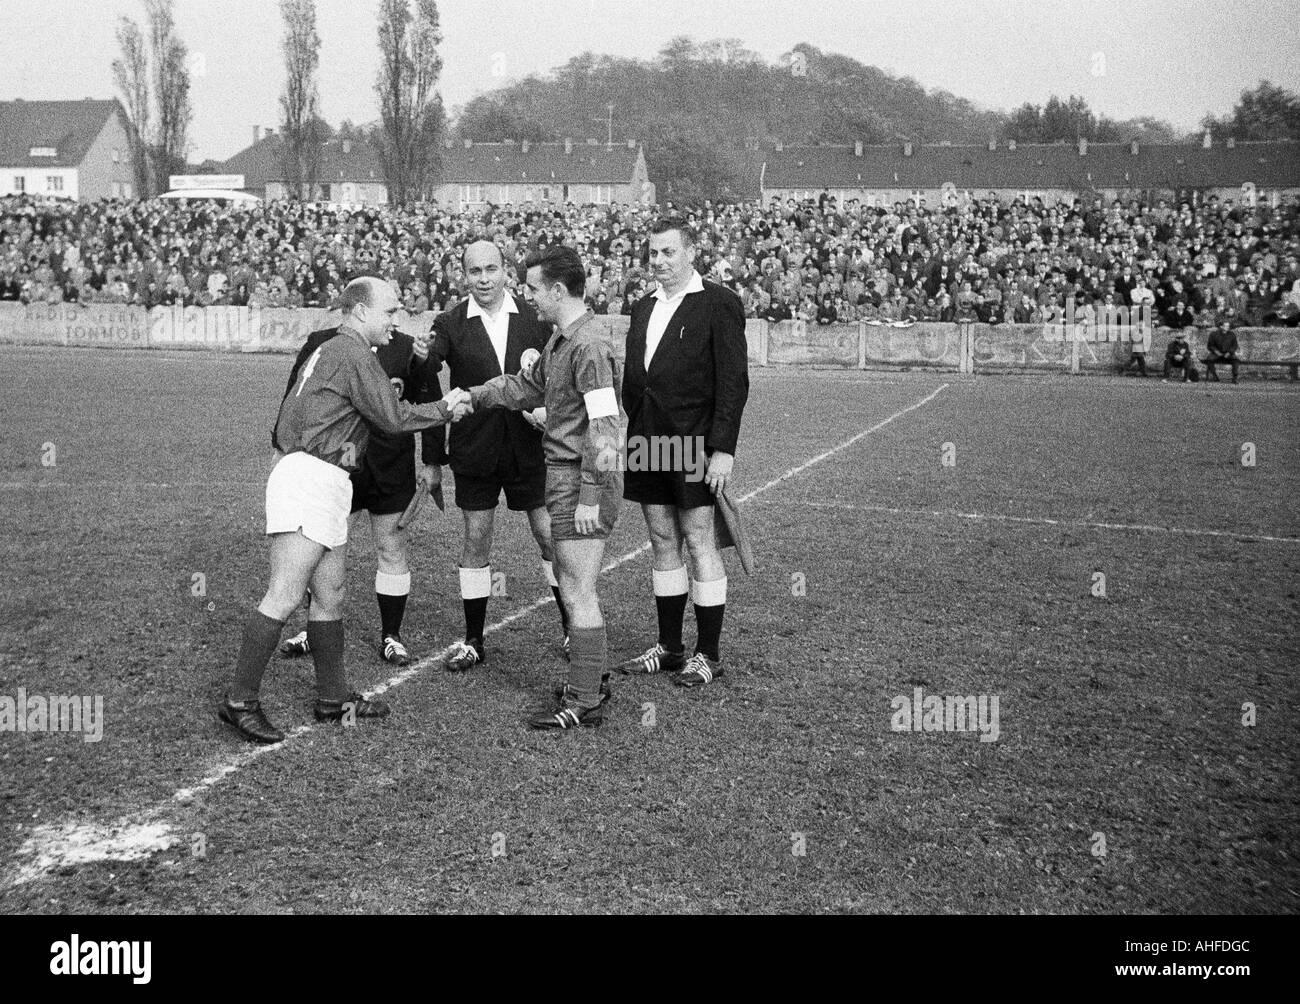 football, Regionalliga West, 1964/1965, Eintracht Gelsenkirchen versus Fortuna Duesseldorf 1:4, Sued Stadium Gelsenkirchen, referee Hans Radermacher of Siegburg and assistants, team leader Karl Hoffmann (Ddorf, left) and Willi Klein (Gels) - Stock Image